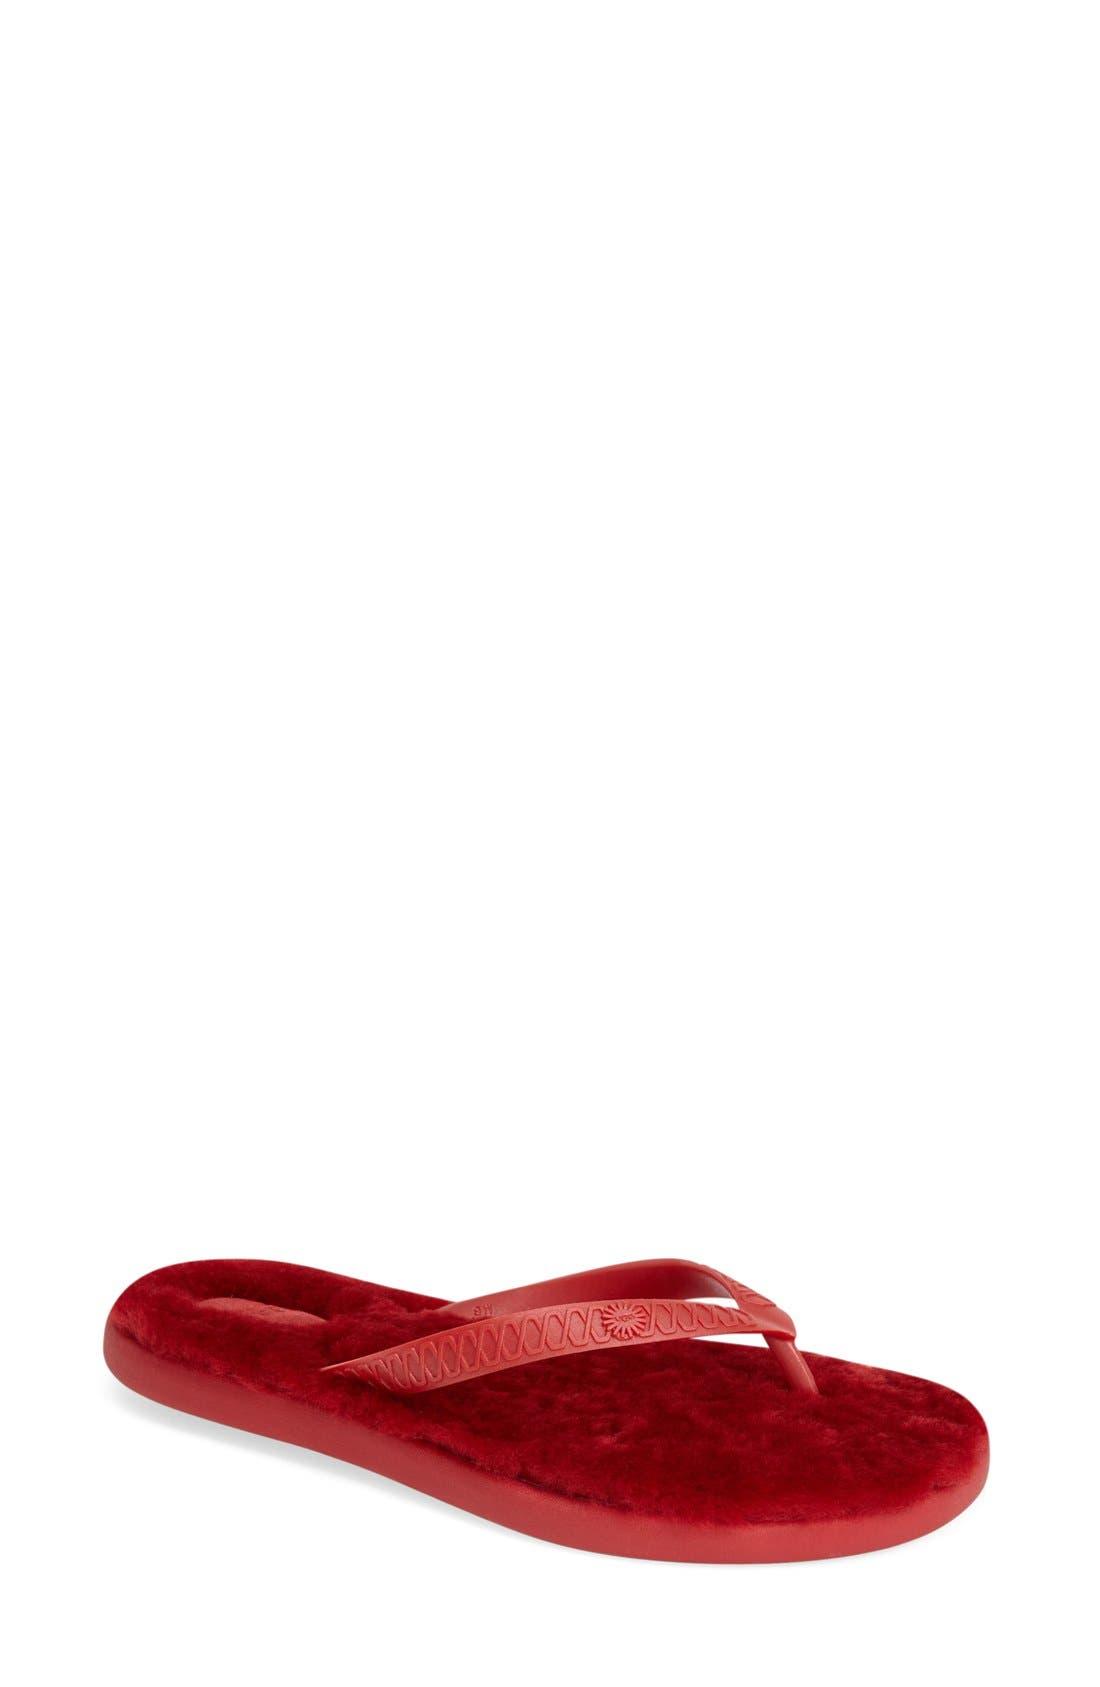 Alternate Image 1 Selected - UGG® 'Fluffie' Flip Flop (Women)